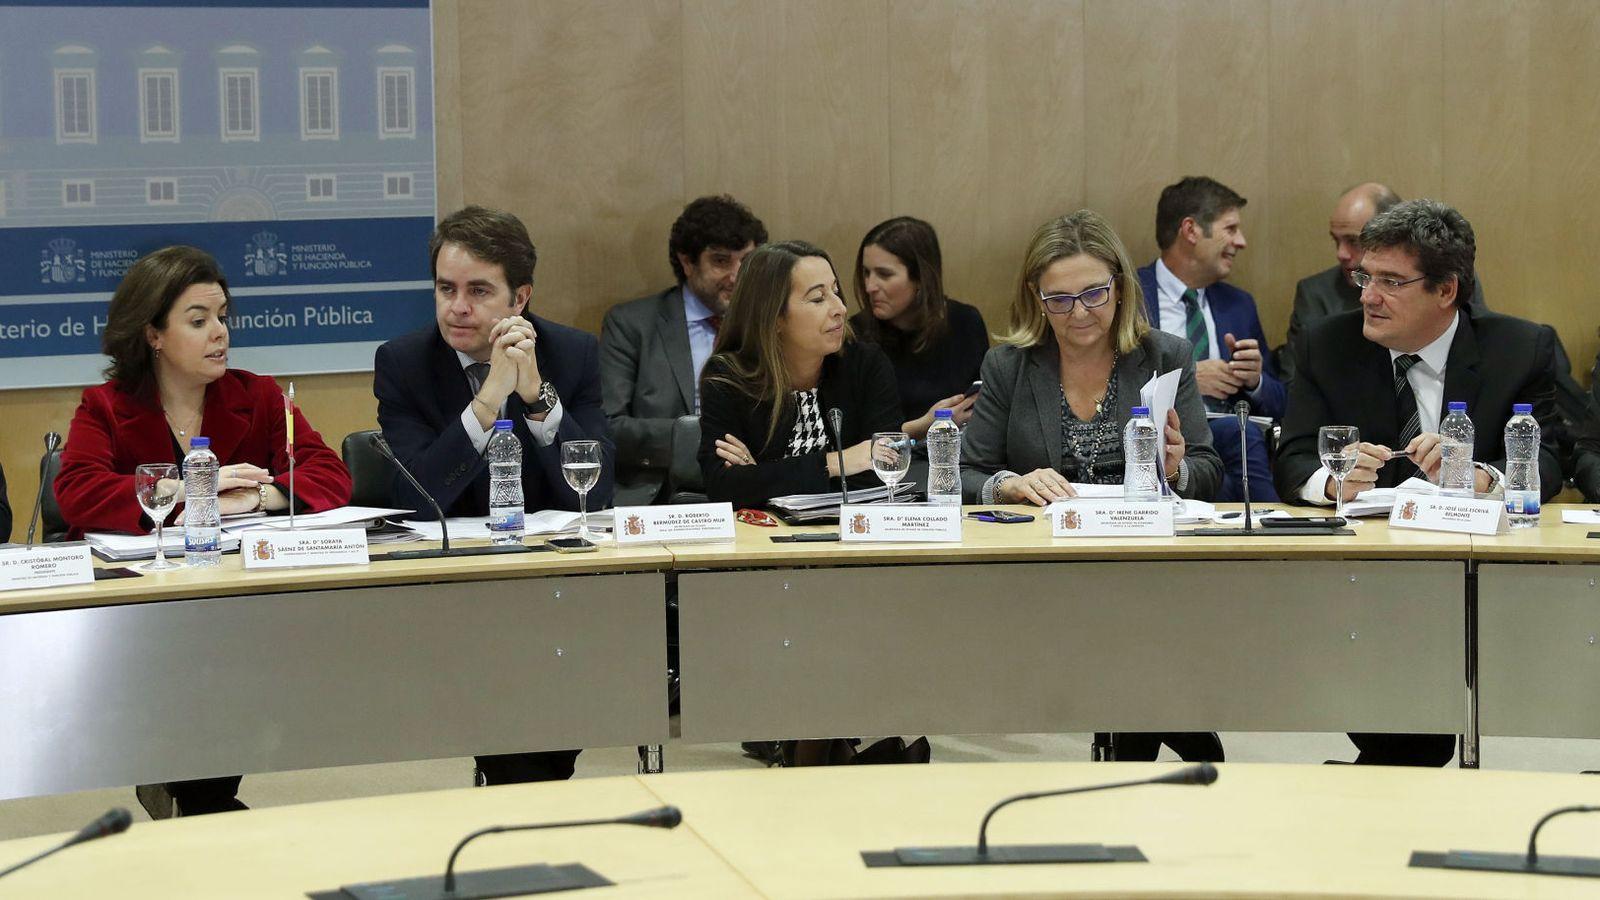 Foto:  La vicepresidenta del Gobierno, Soraya Sáenz de Santamaría (2i), y el ministro de Hacienda, Cristóbal Montoro (i), presiden la última reunión del año del Consejo de Política Fiscal y Financiera. (EFE)